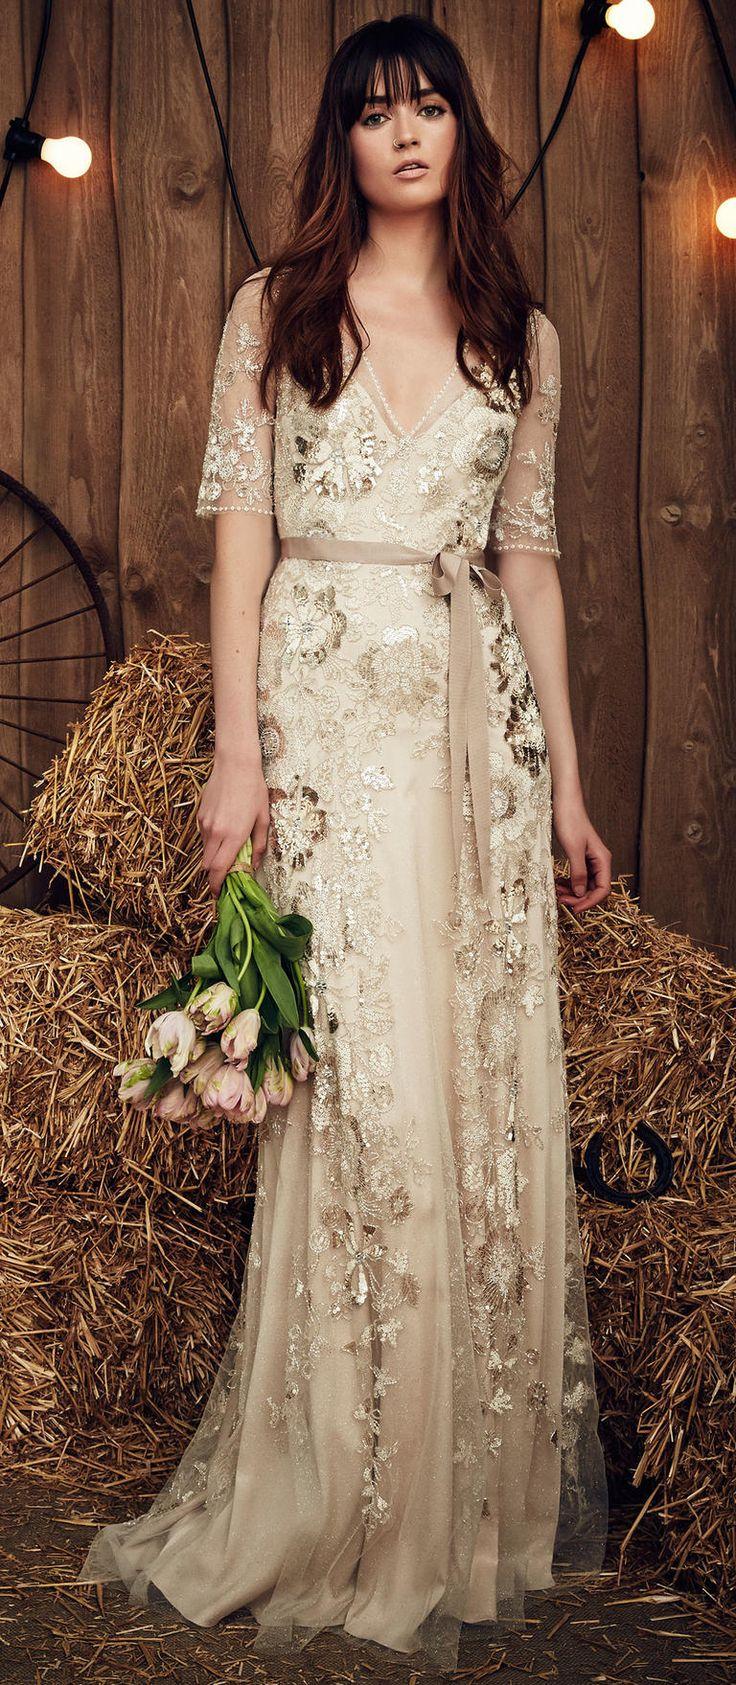 Boho wedding dress with sleeves   best boho wedding images on Pinterest  Wedding ideas Gems and